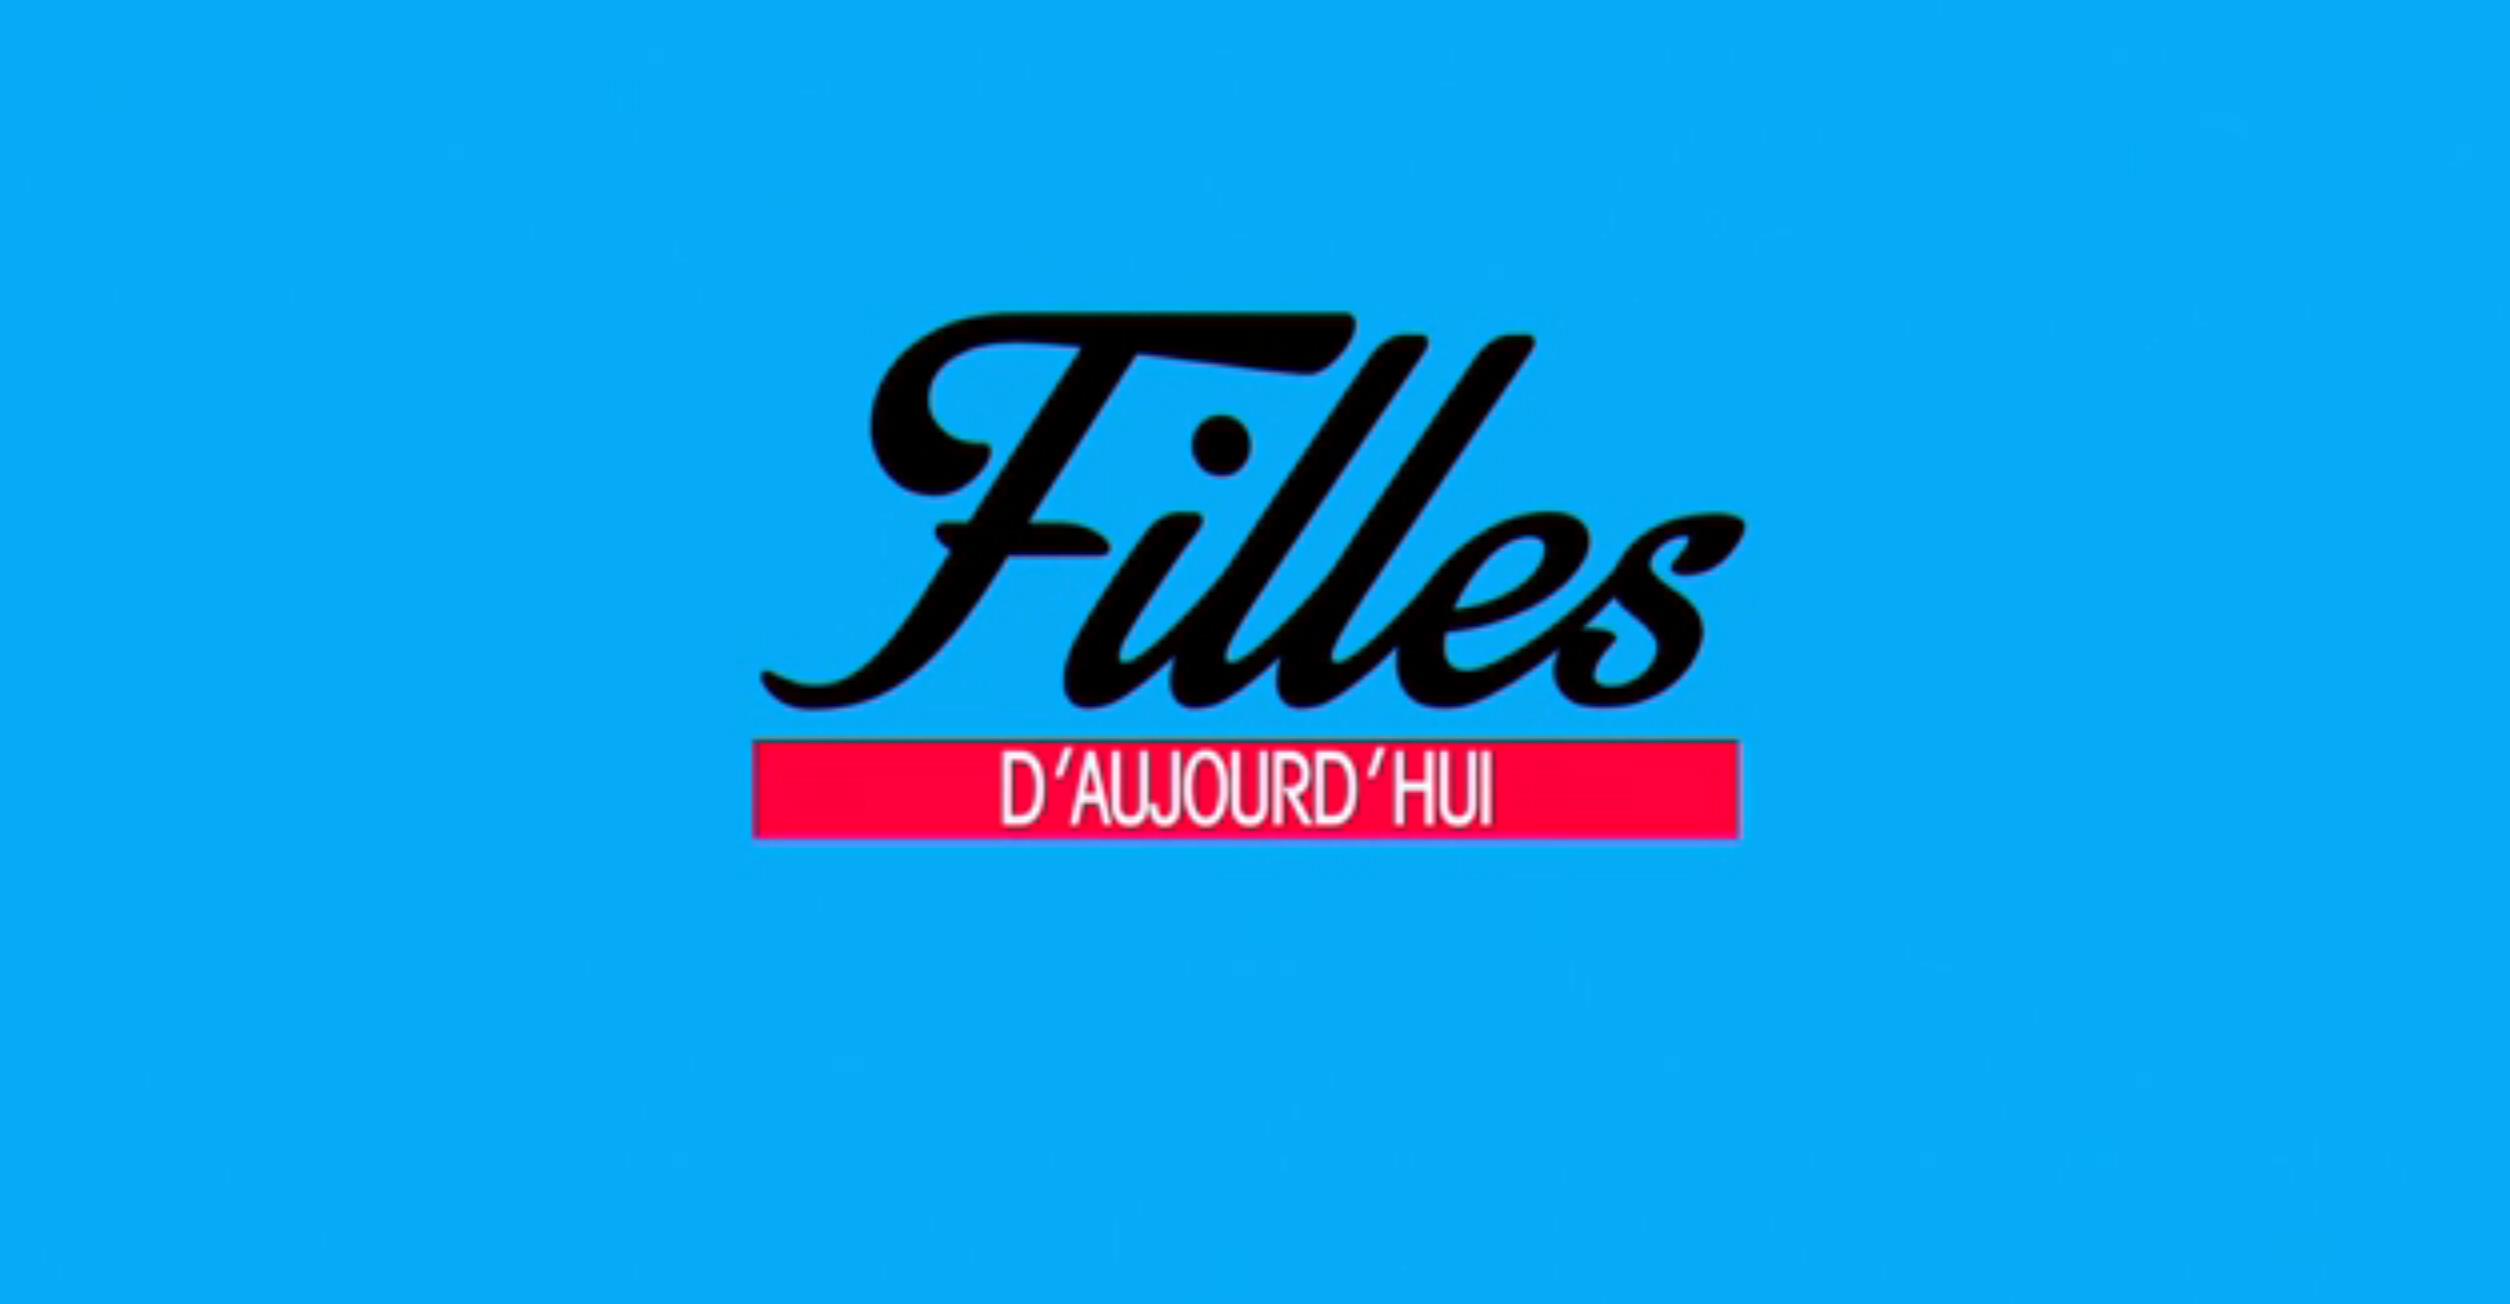 Canal + dévoile son nouveau programme court humoristique et décalé : Filles d'Aujourd'hui